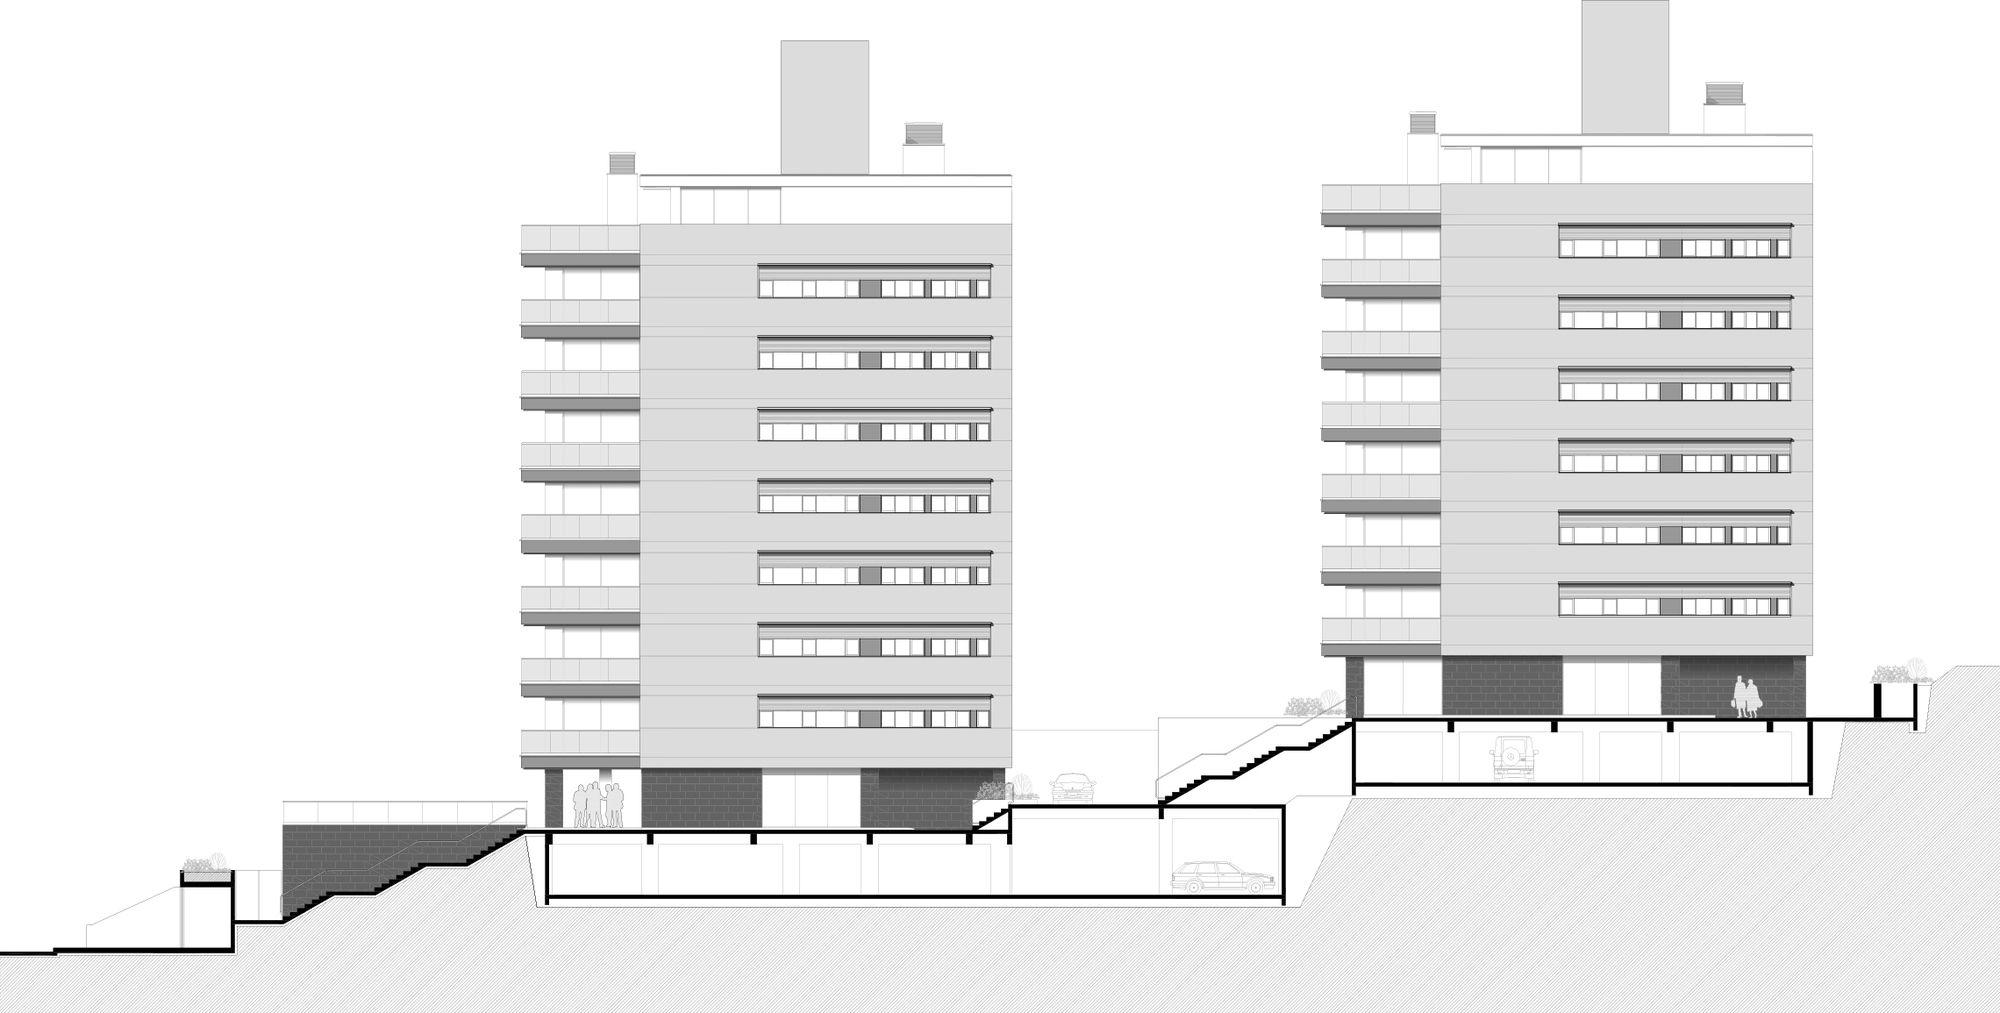 Residencial Porto de Mônaco / Jobim Carlevaro Arquitetos